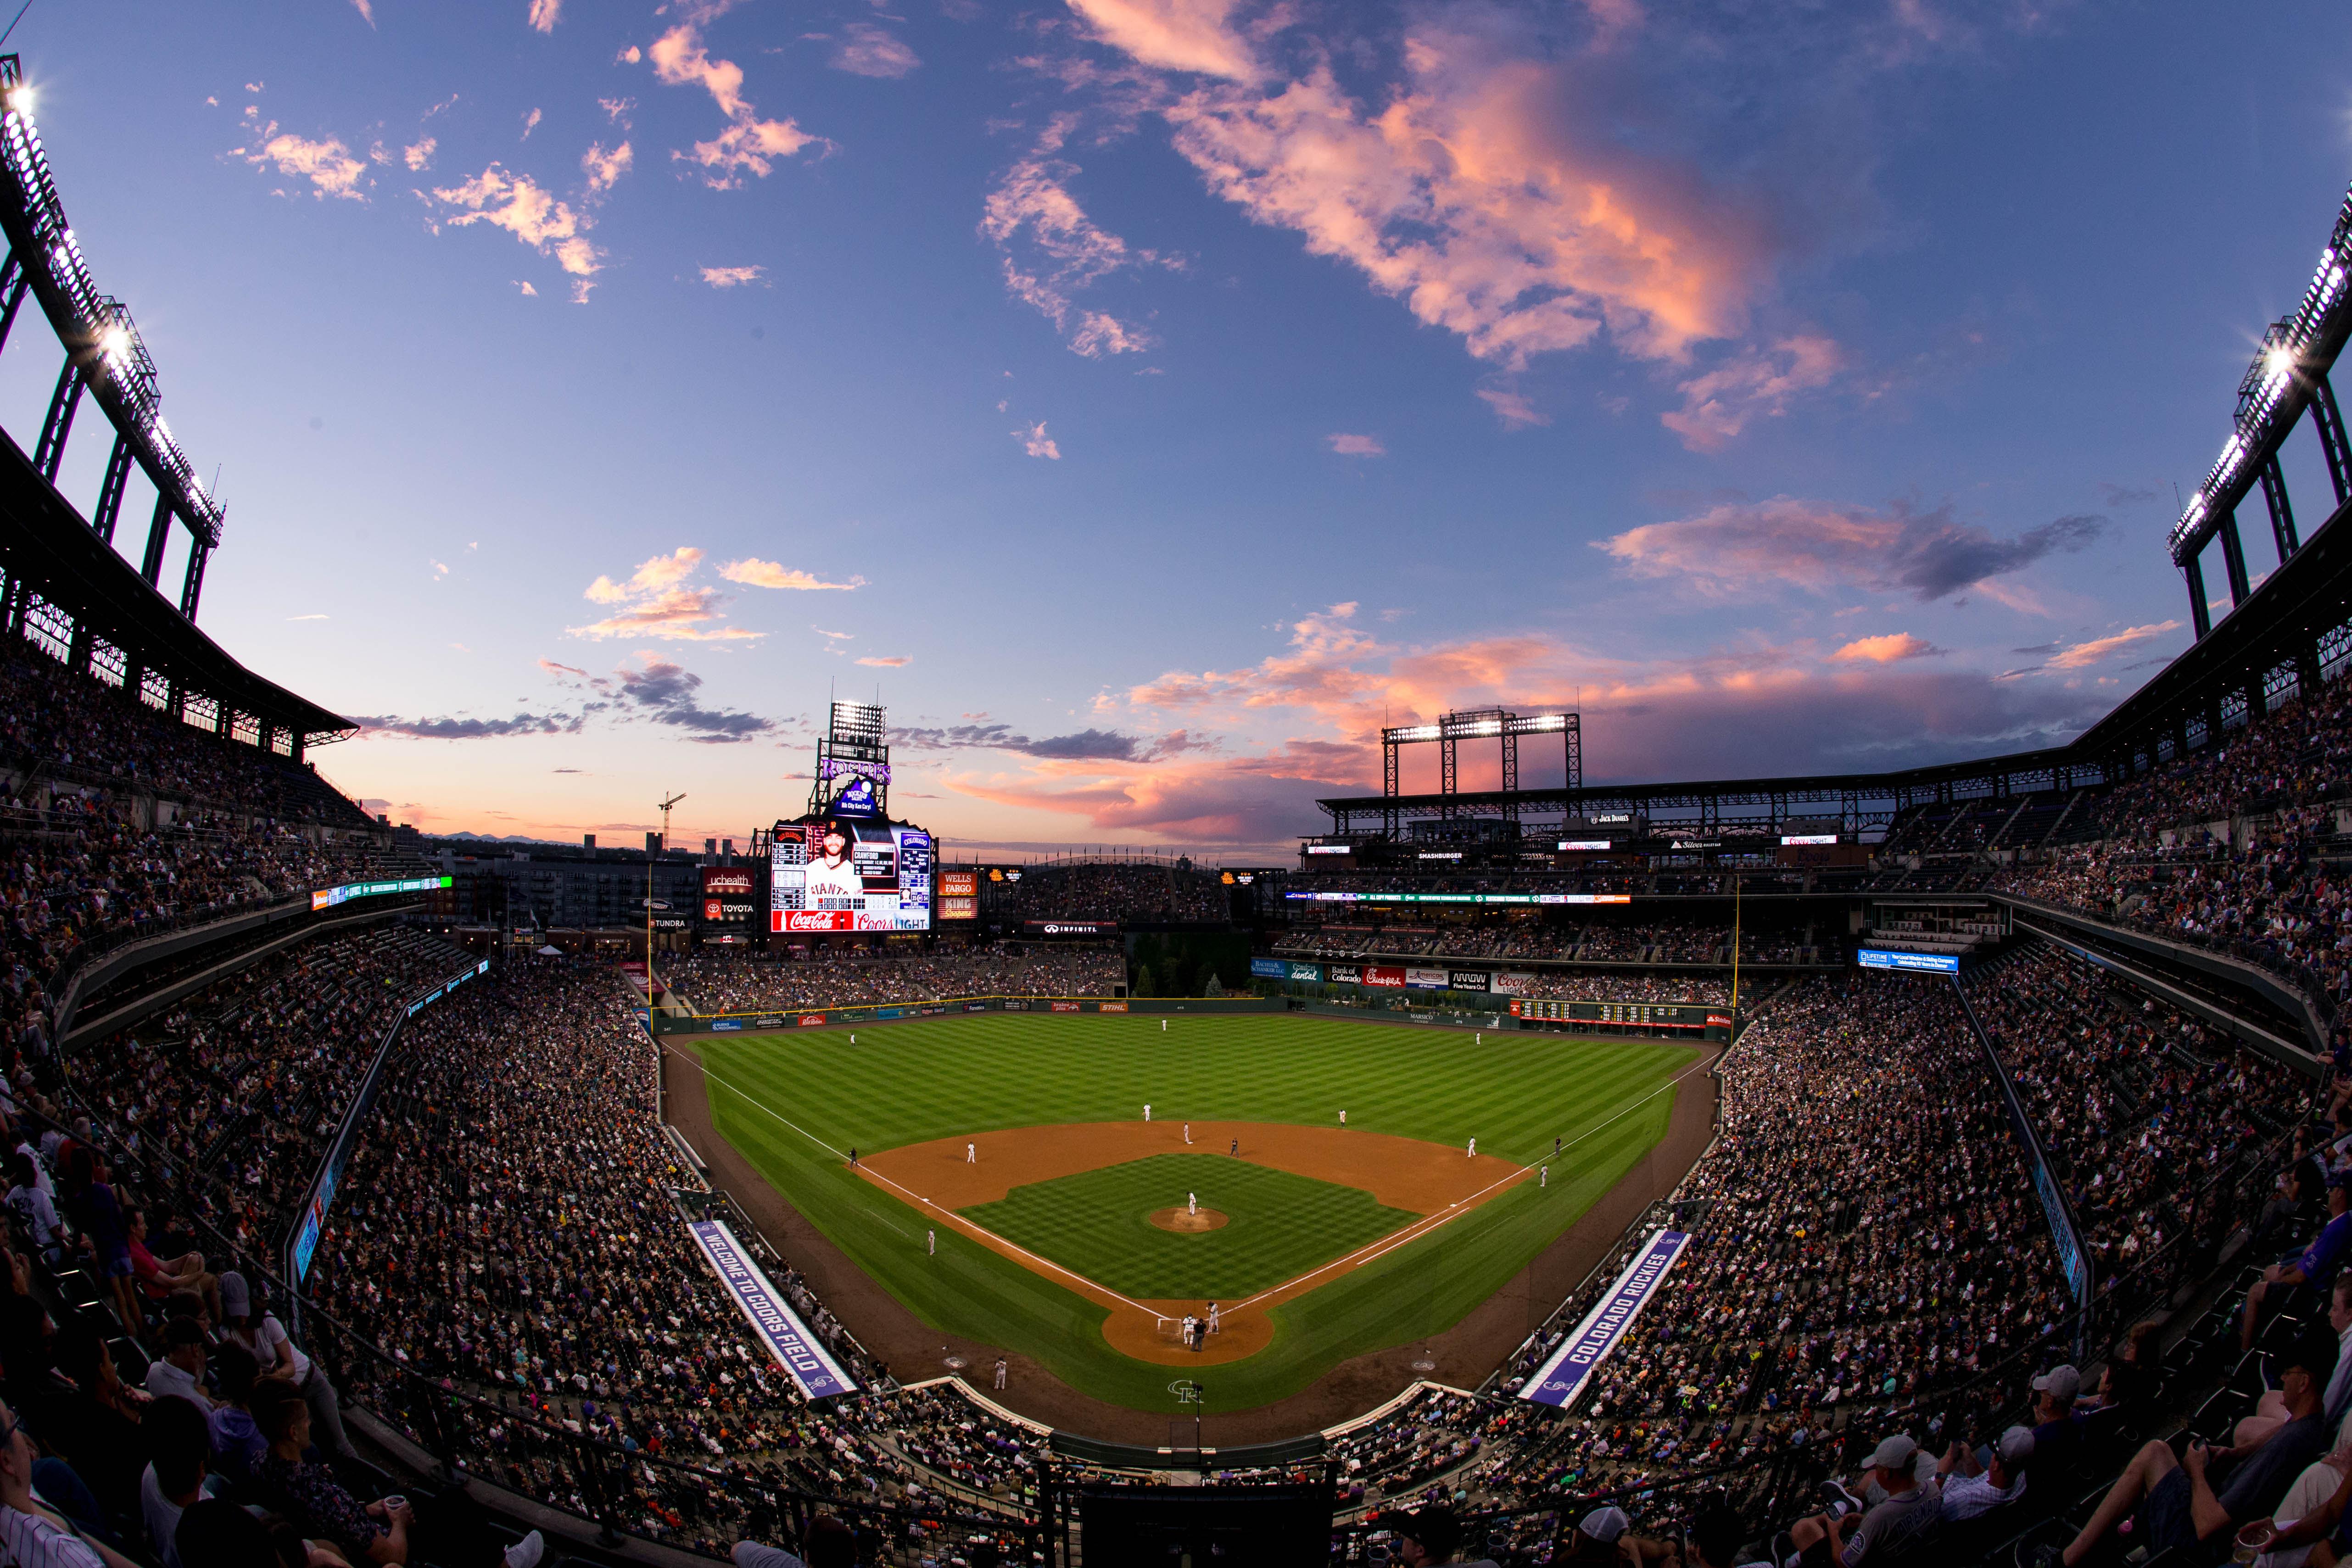 MLB: Game Two-San Francisco Giants at Colorado Rockies